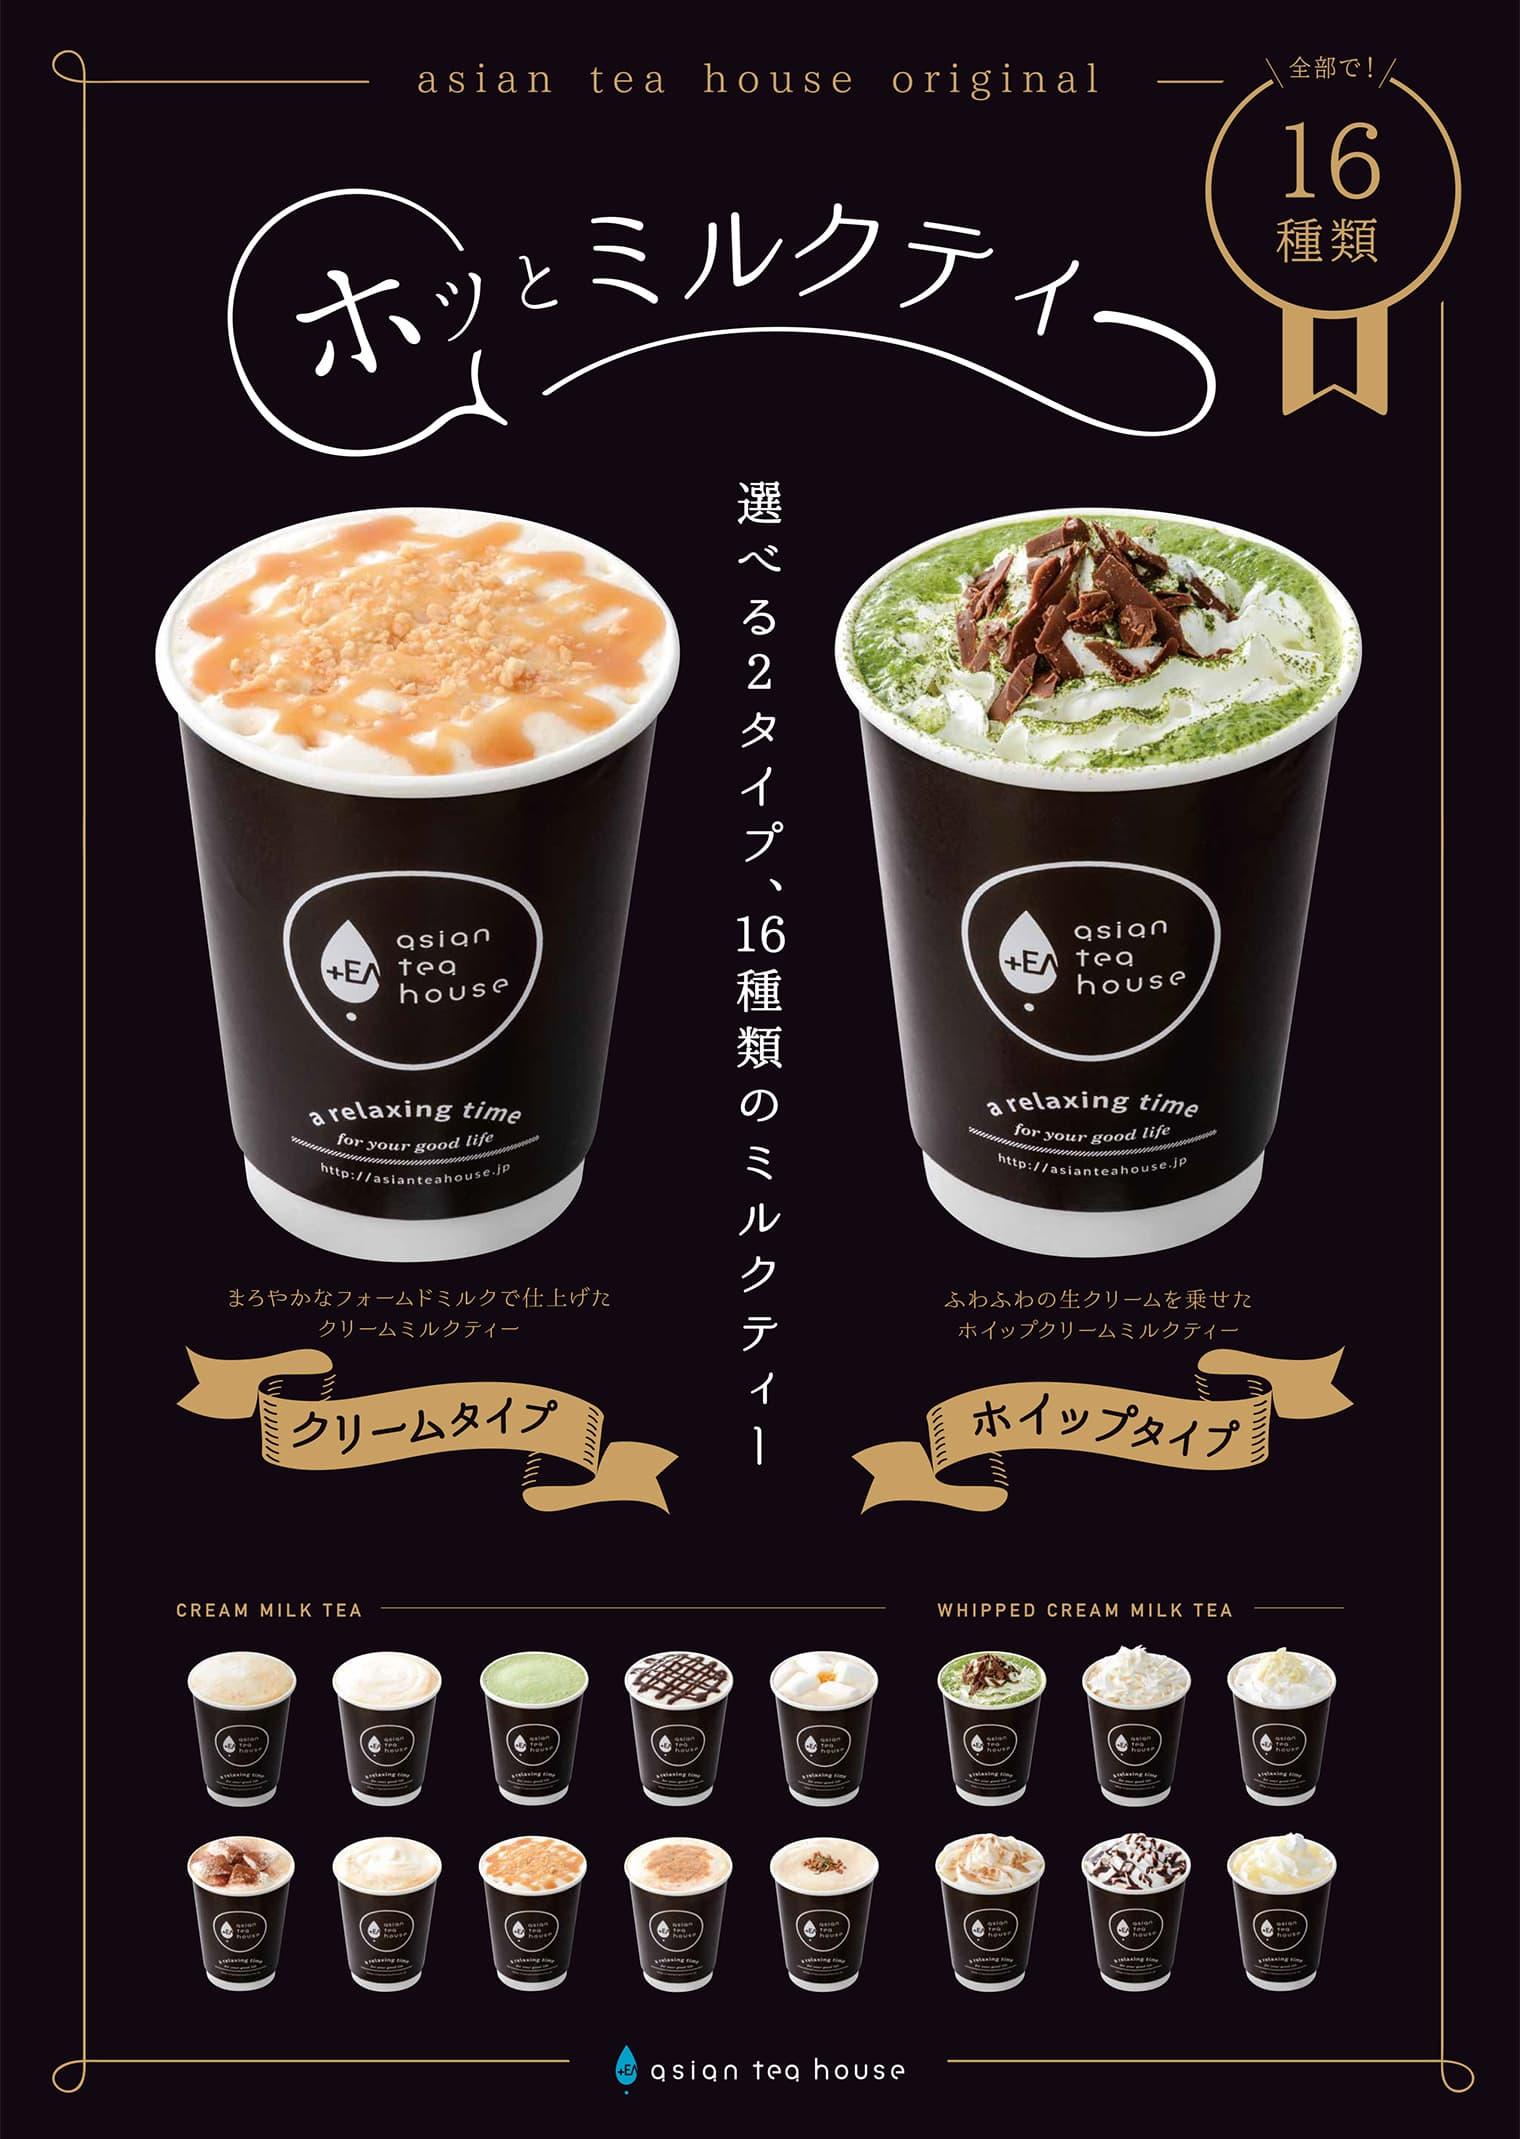 6 1 - ตัวอย่างป้ายเมนูเครื่องดื่มกาแฟ เมนูอาหารดีไซน์สไตล์ญี่ปุ่น